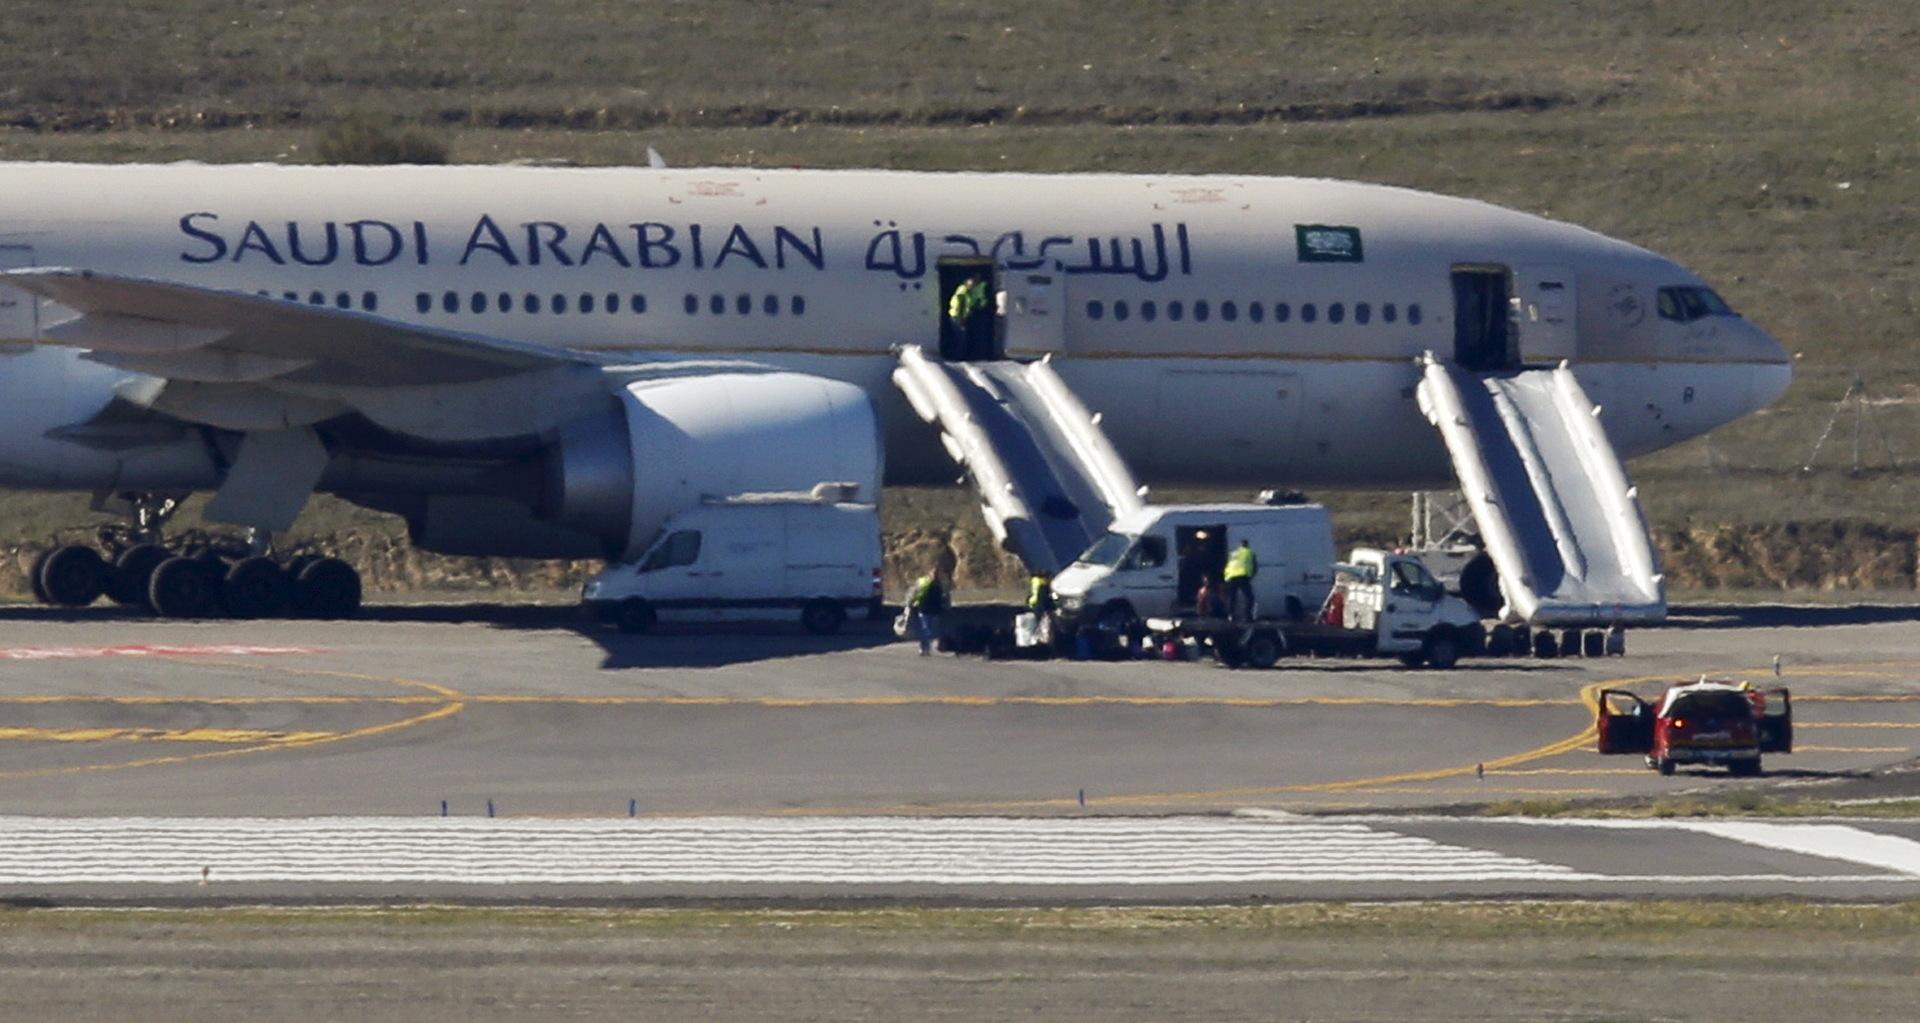 السعودية.. تعليمات جديدة بخصوص